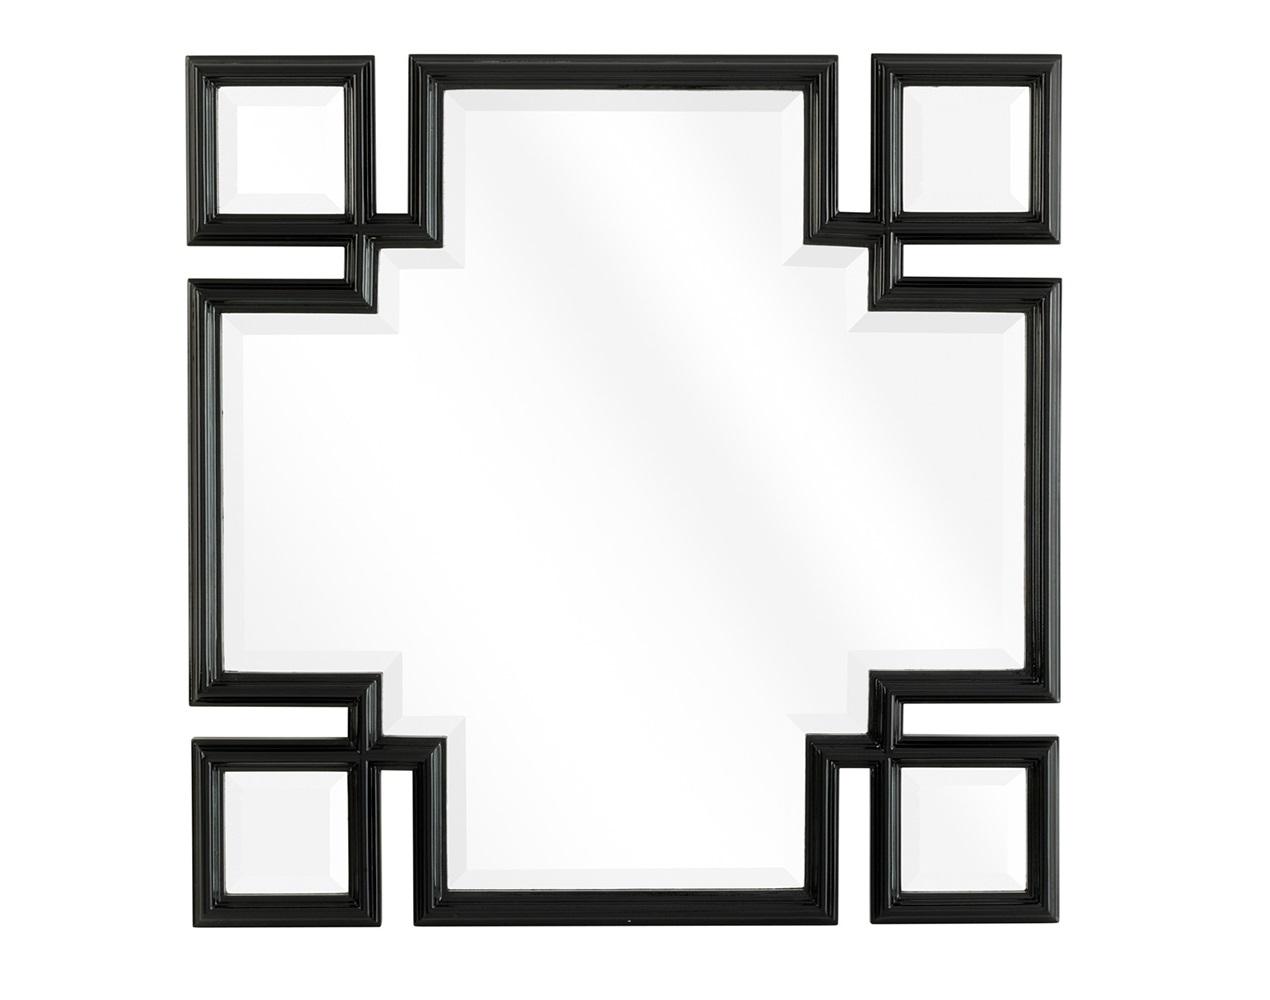 ЗеркалоНастенные зеркала<br>Зеркало Mirror Valencia в раме черного с белым цвета с оригинальным дизайном.<br><br>Material: Дерево<br>Ширина см: 70.0<br>Высота см: 70.0